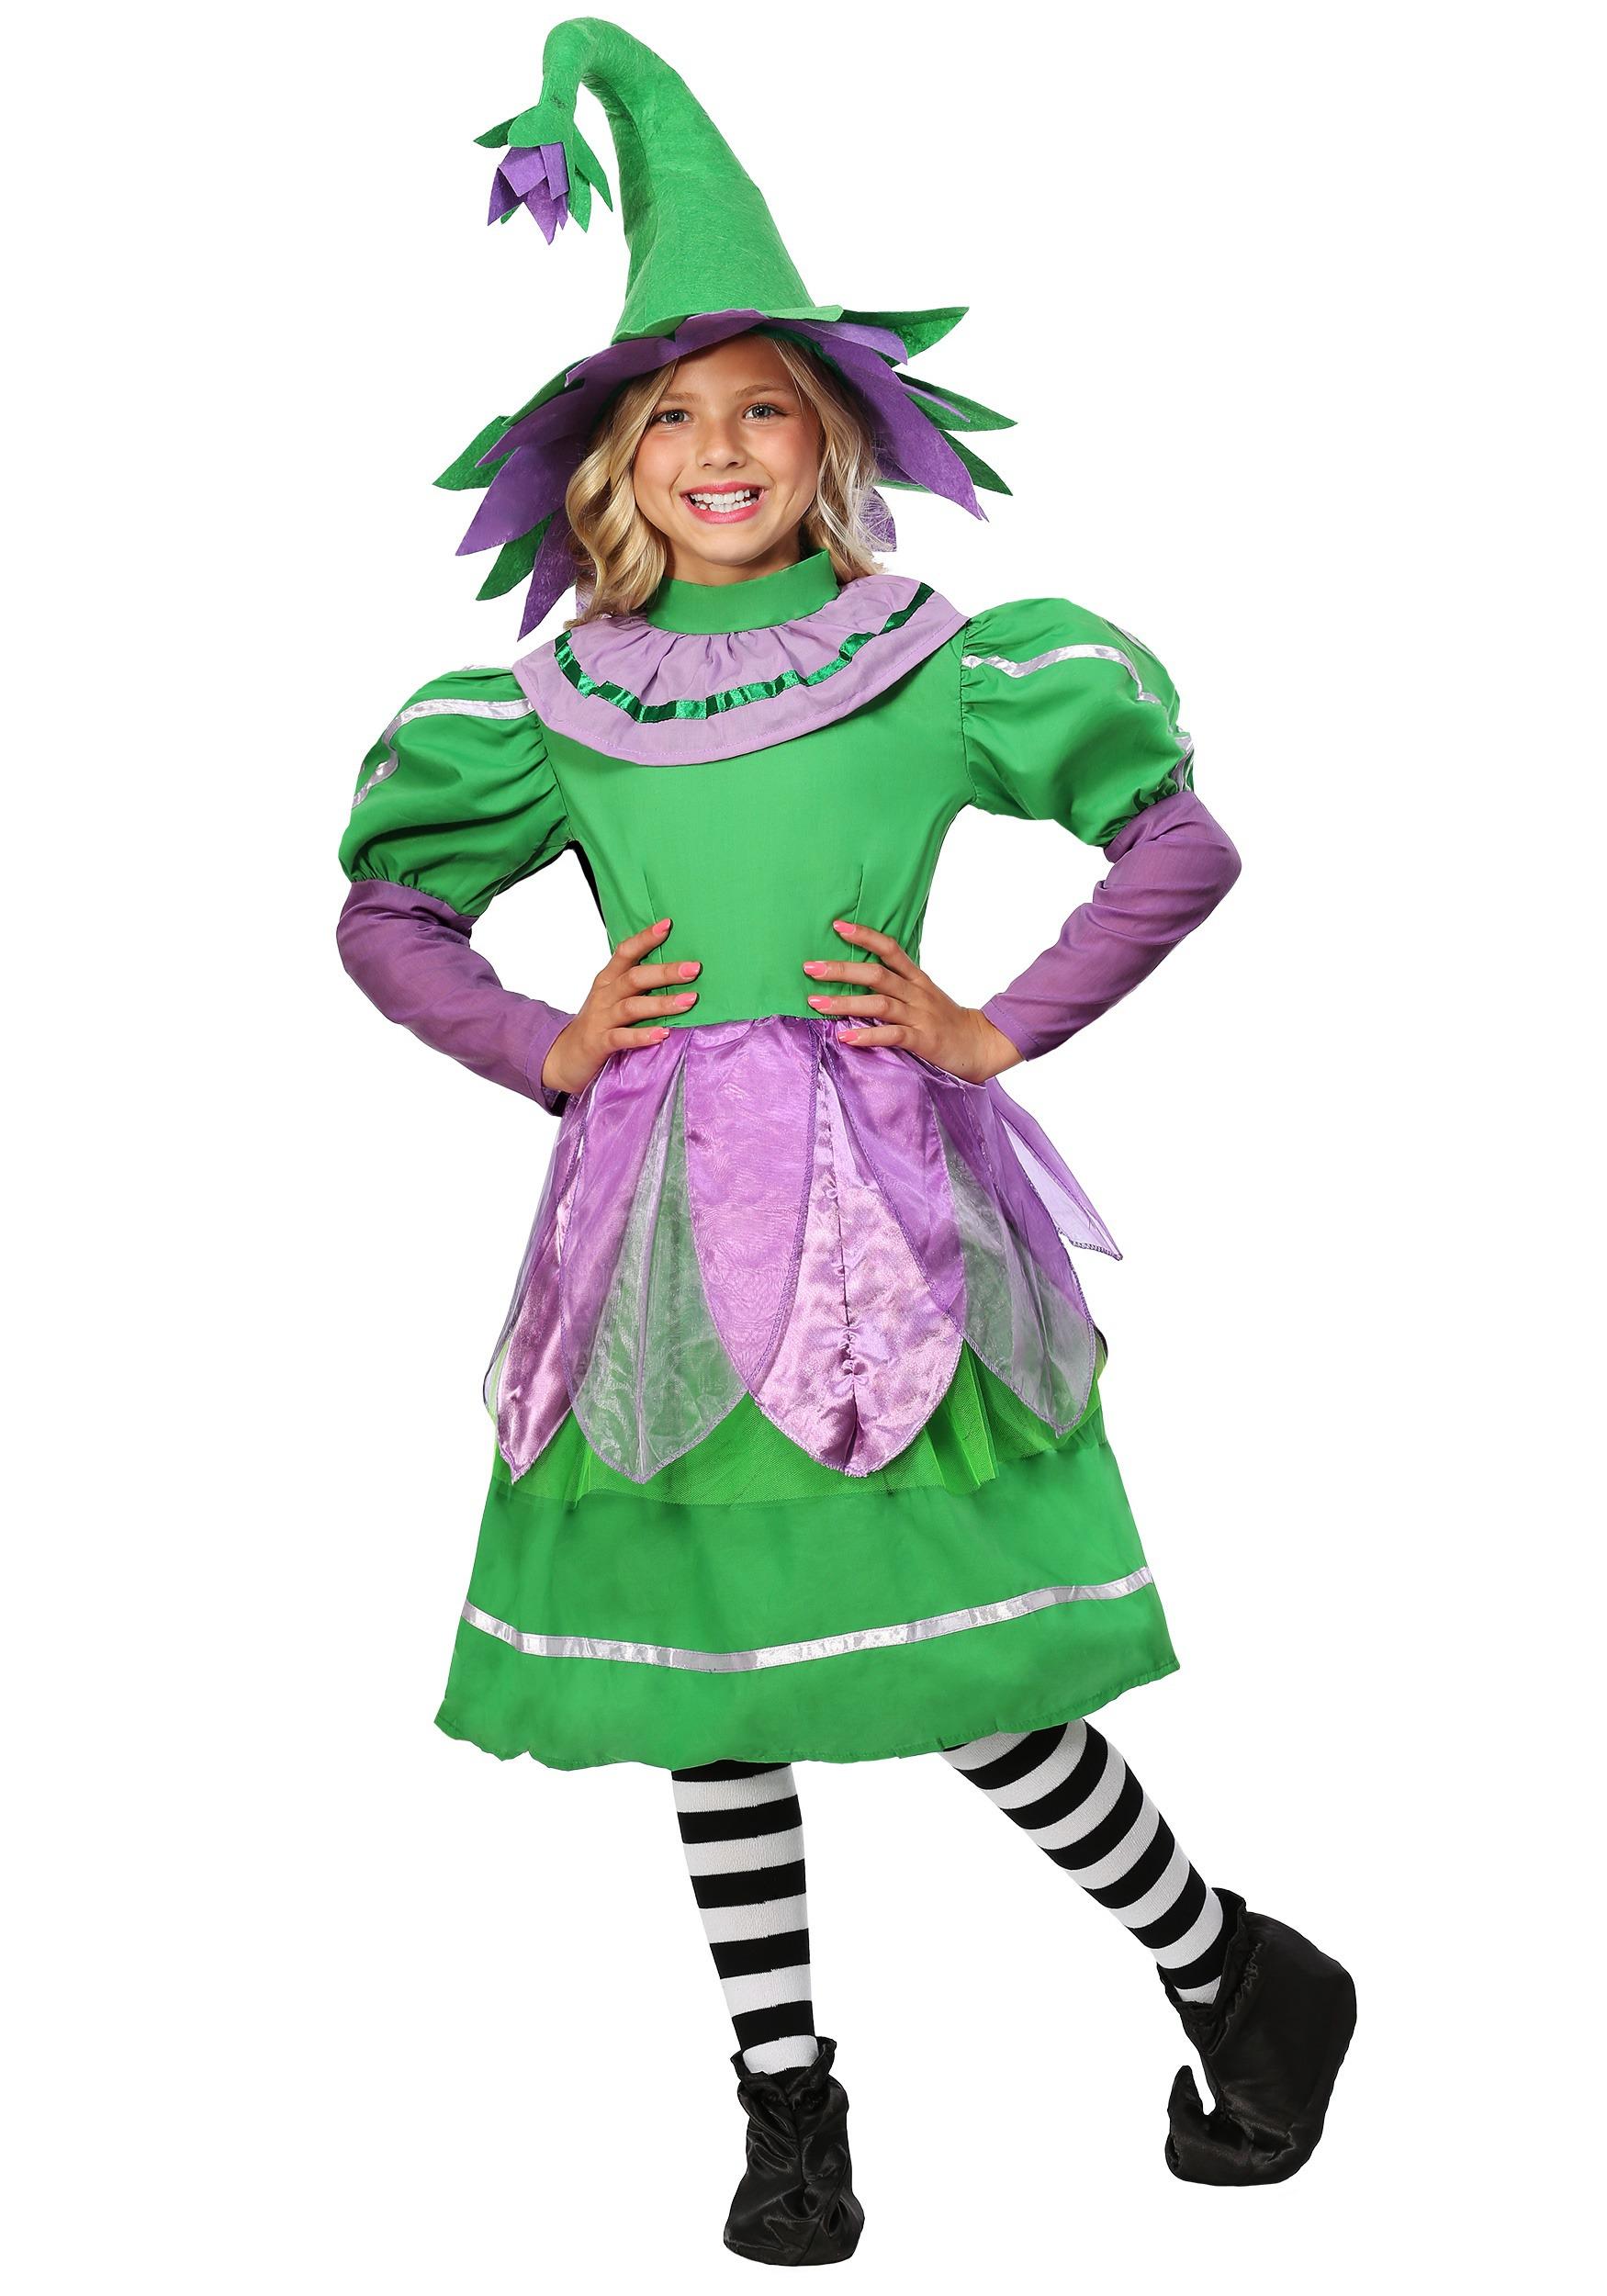 Munchkin Girl Kids Costume